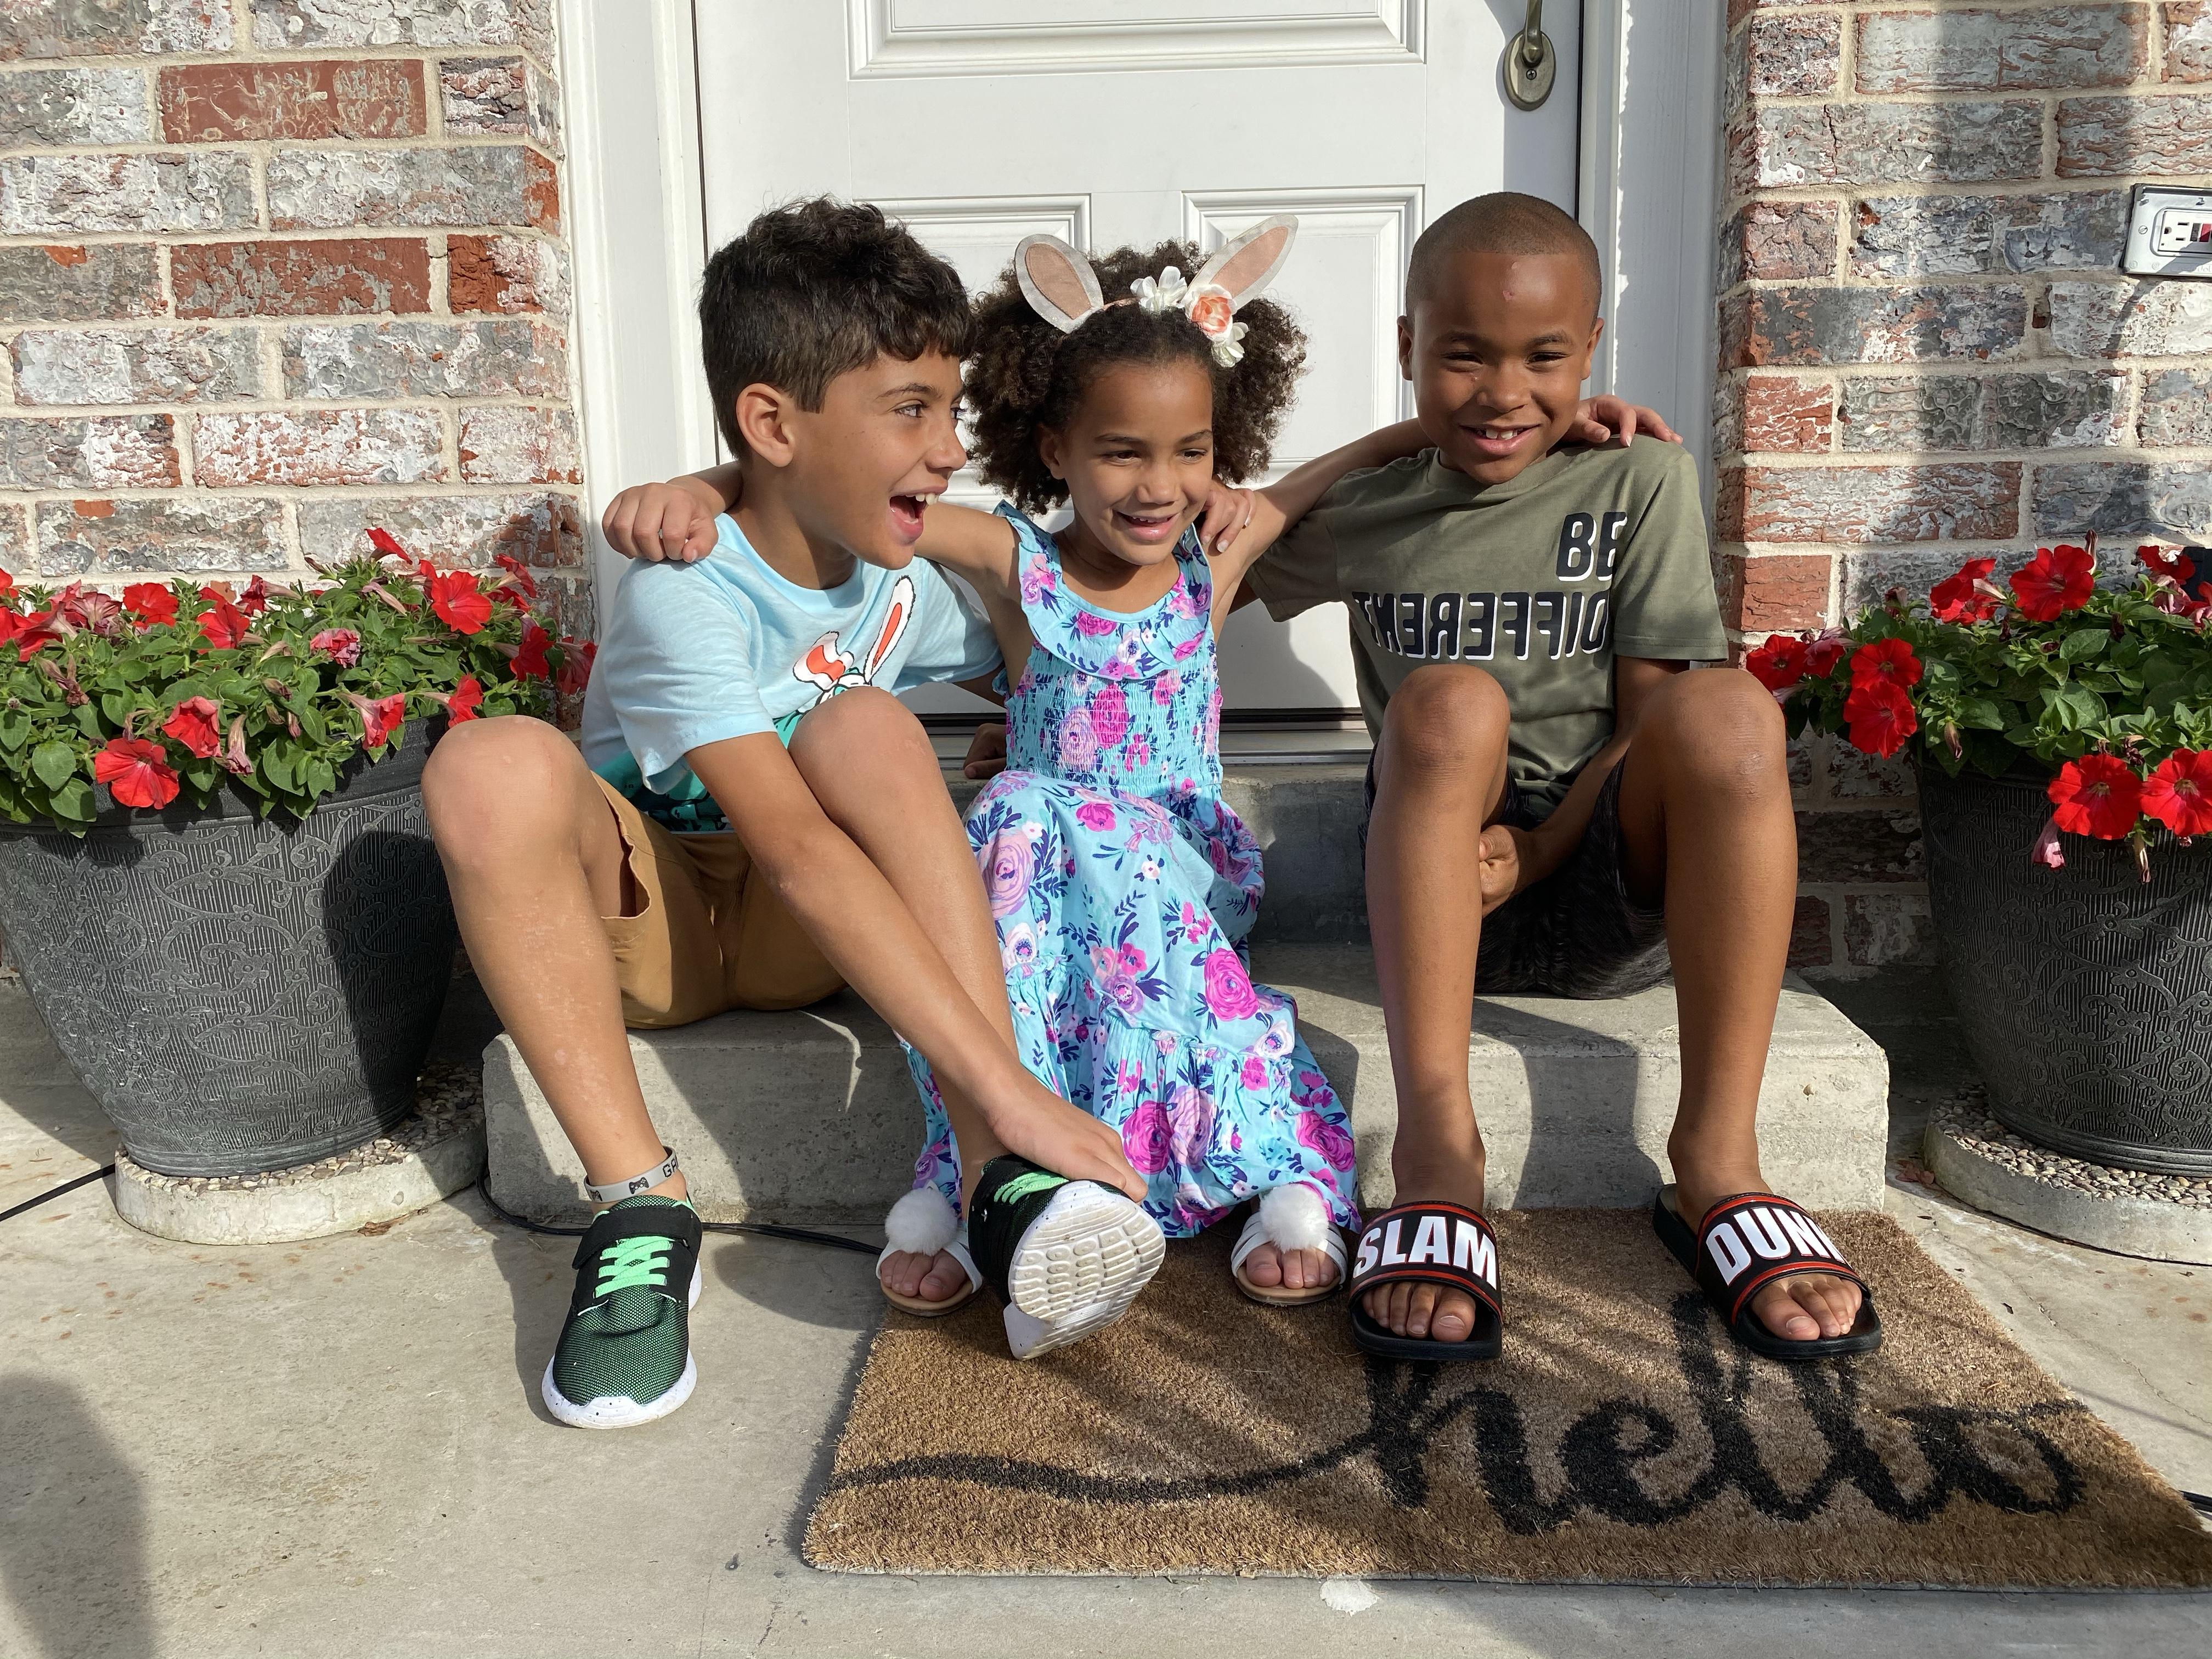 Door Mat Photo. #familyphotos #familyphotoideas #doormatphotos #familyphotoshoot #kidsphotoideas